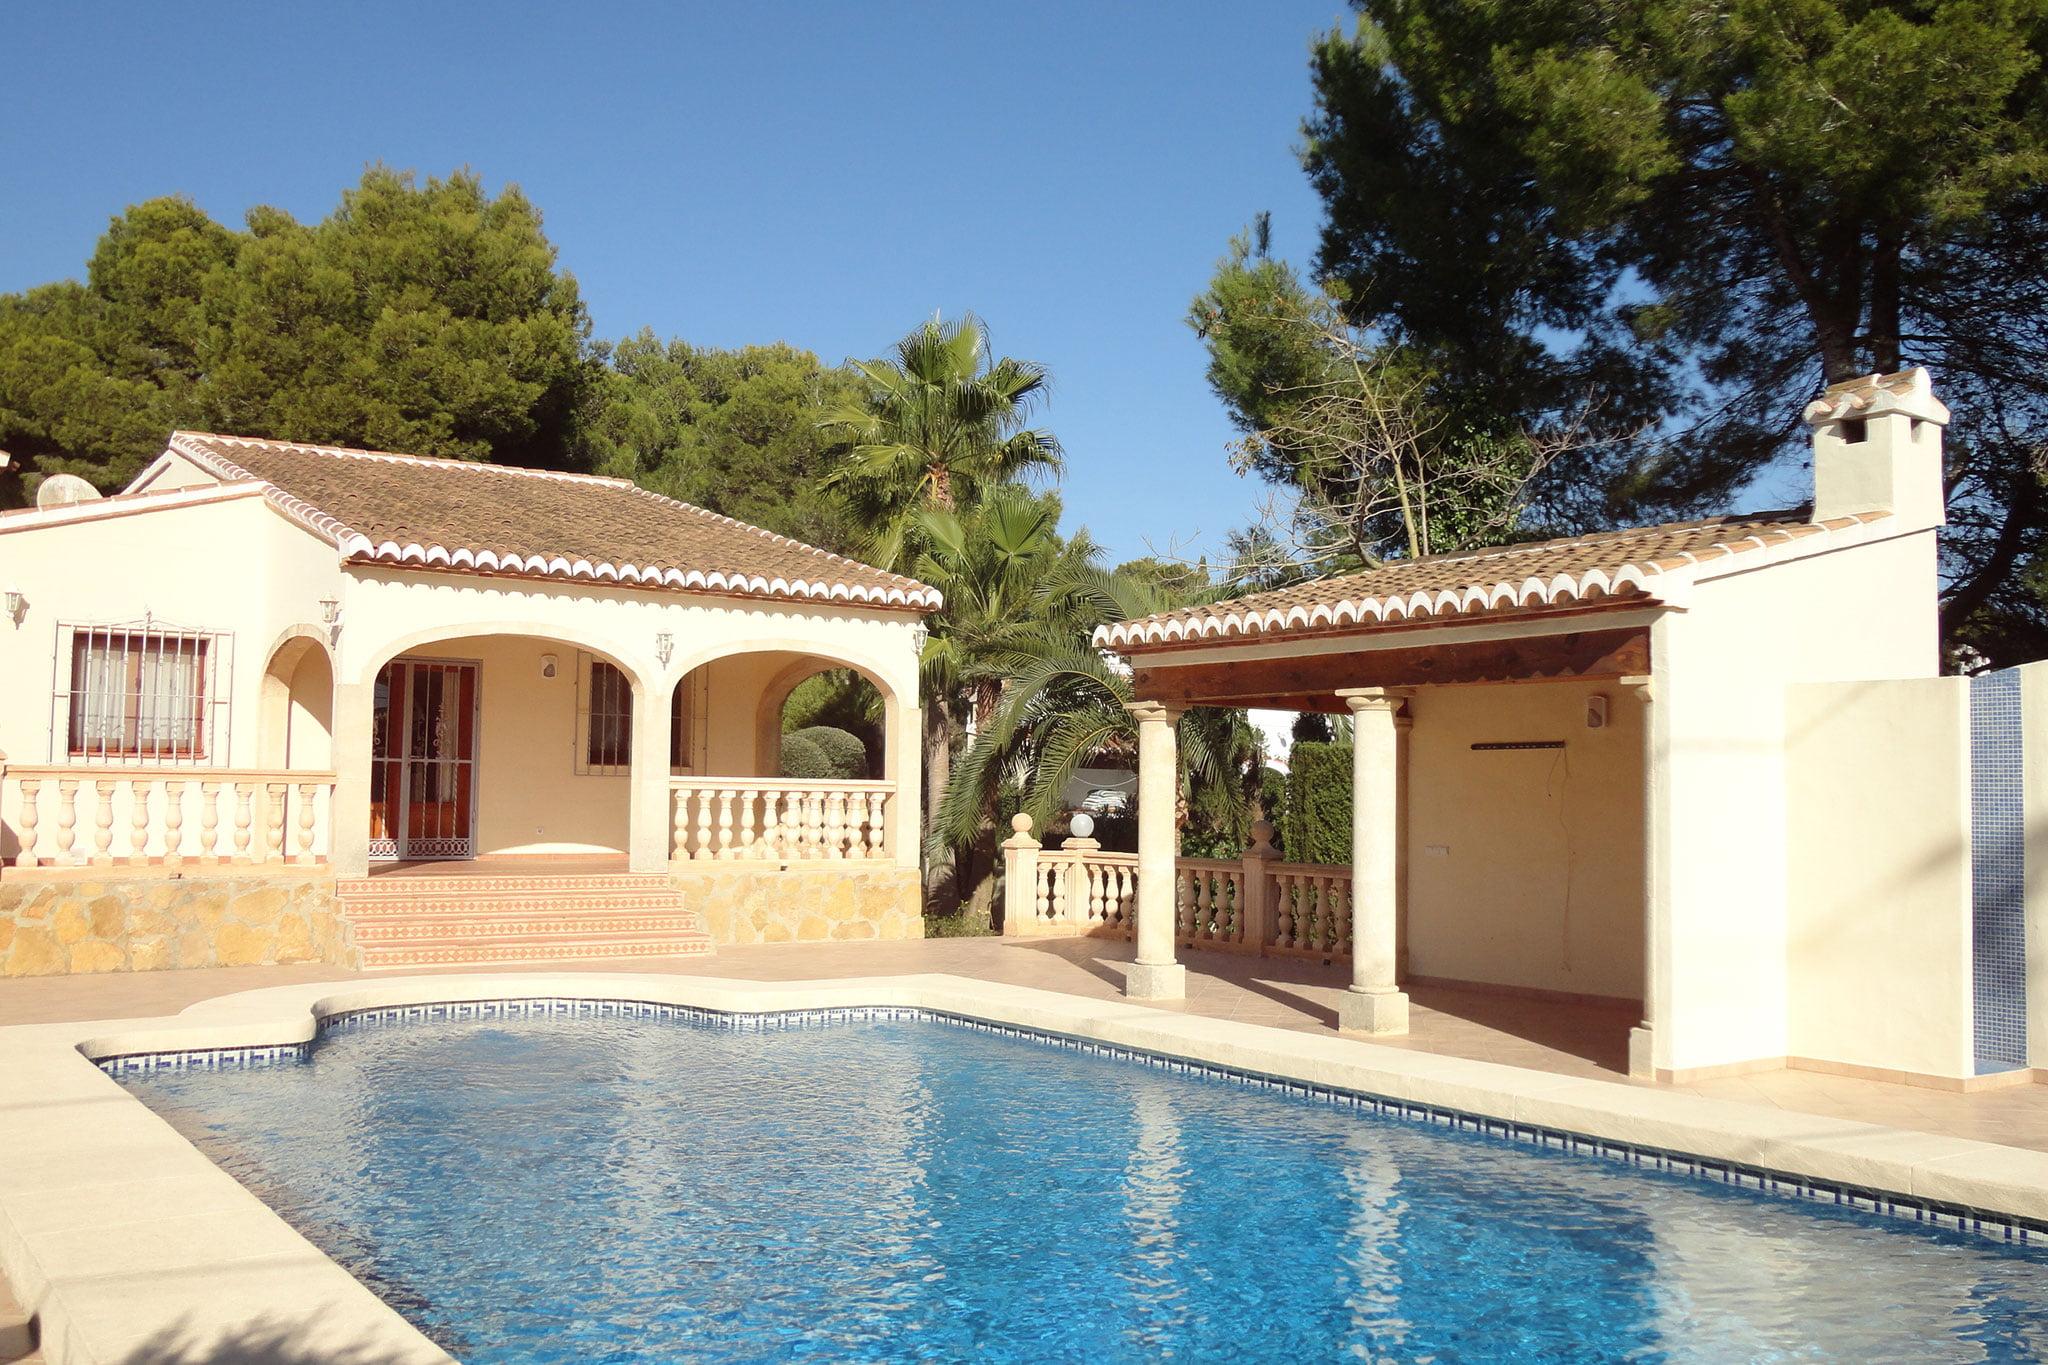 Chalet con piscina en venta en Jávea – Xabiga Inmobiliaria